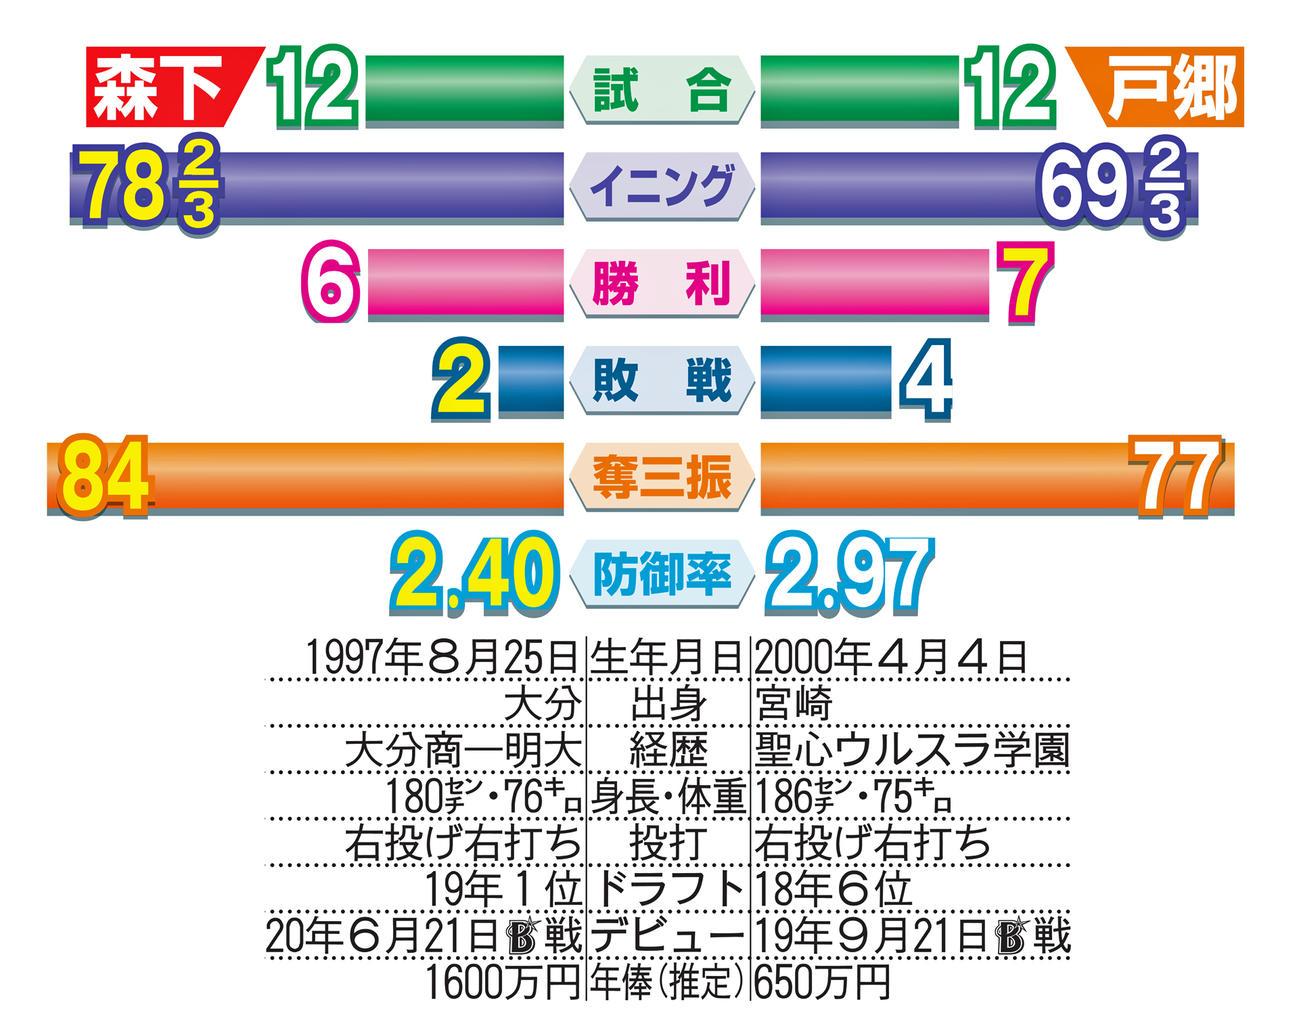 広島森下と巨人戸郷の比較表